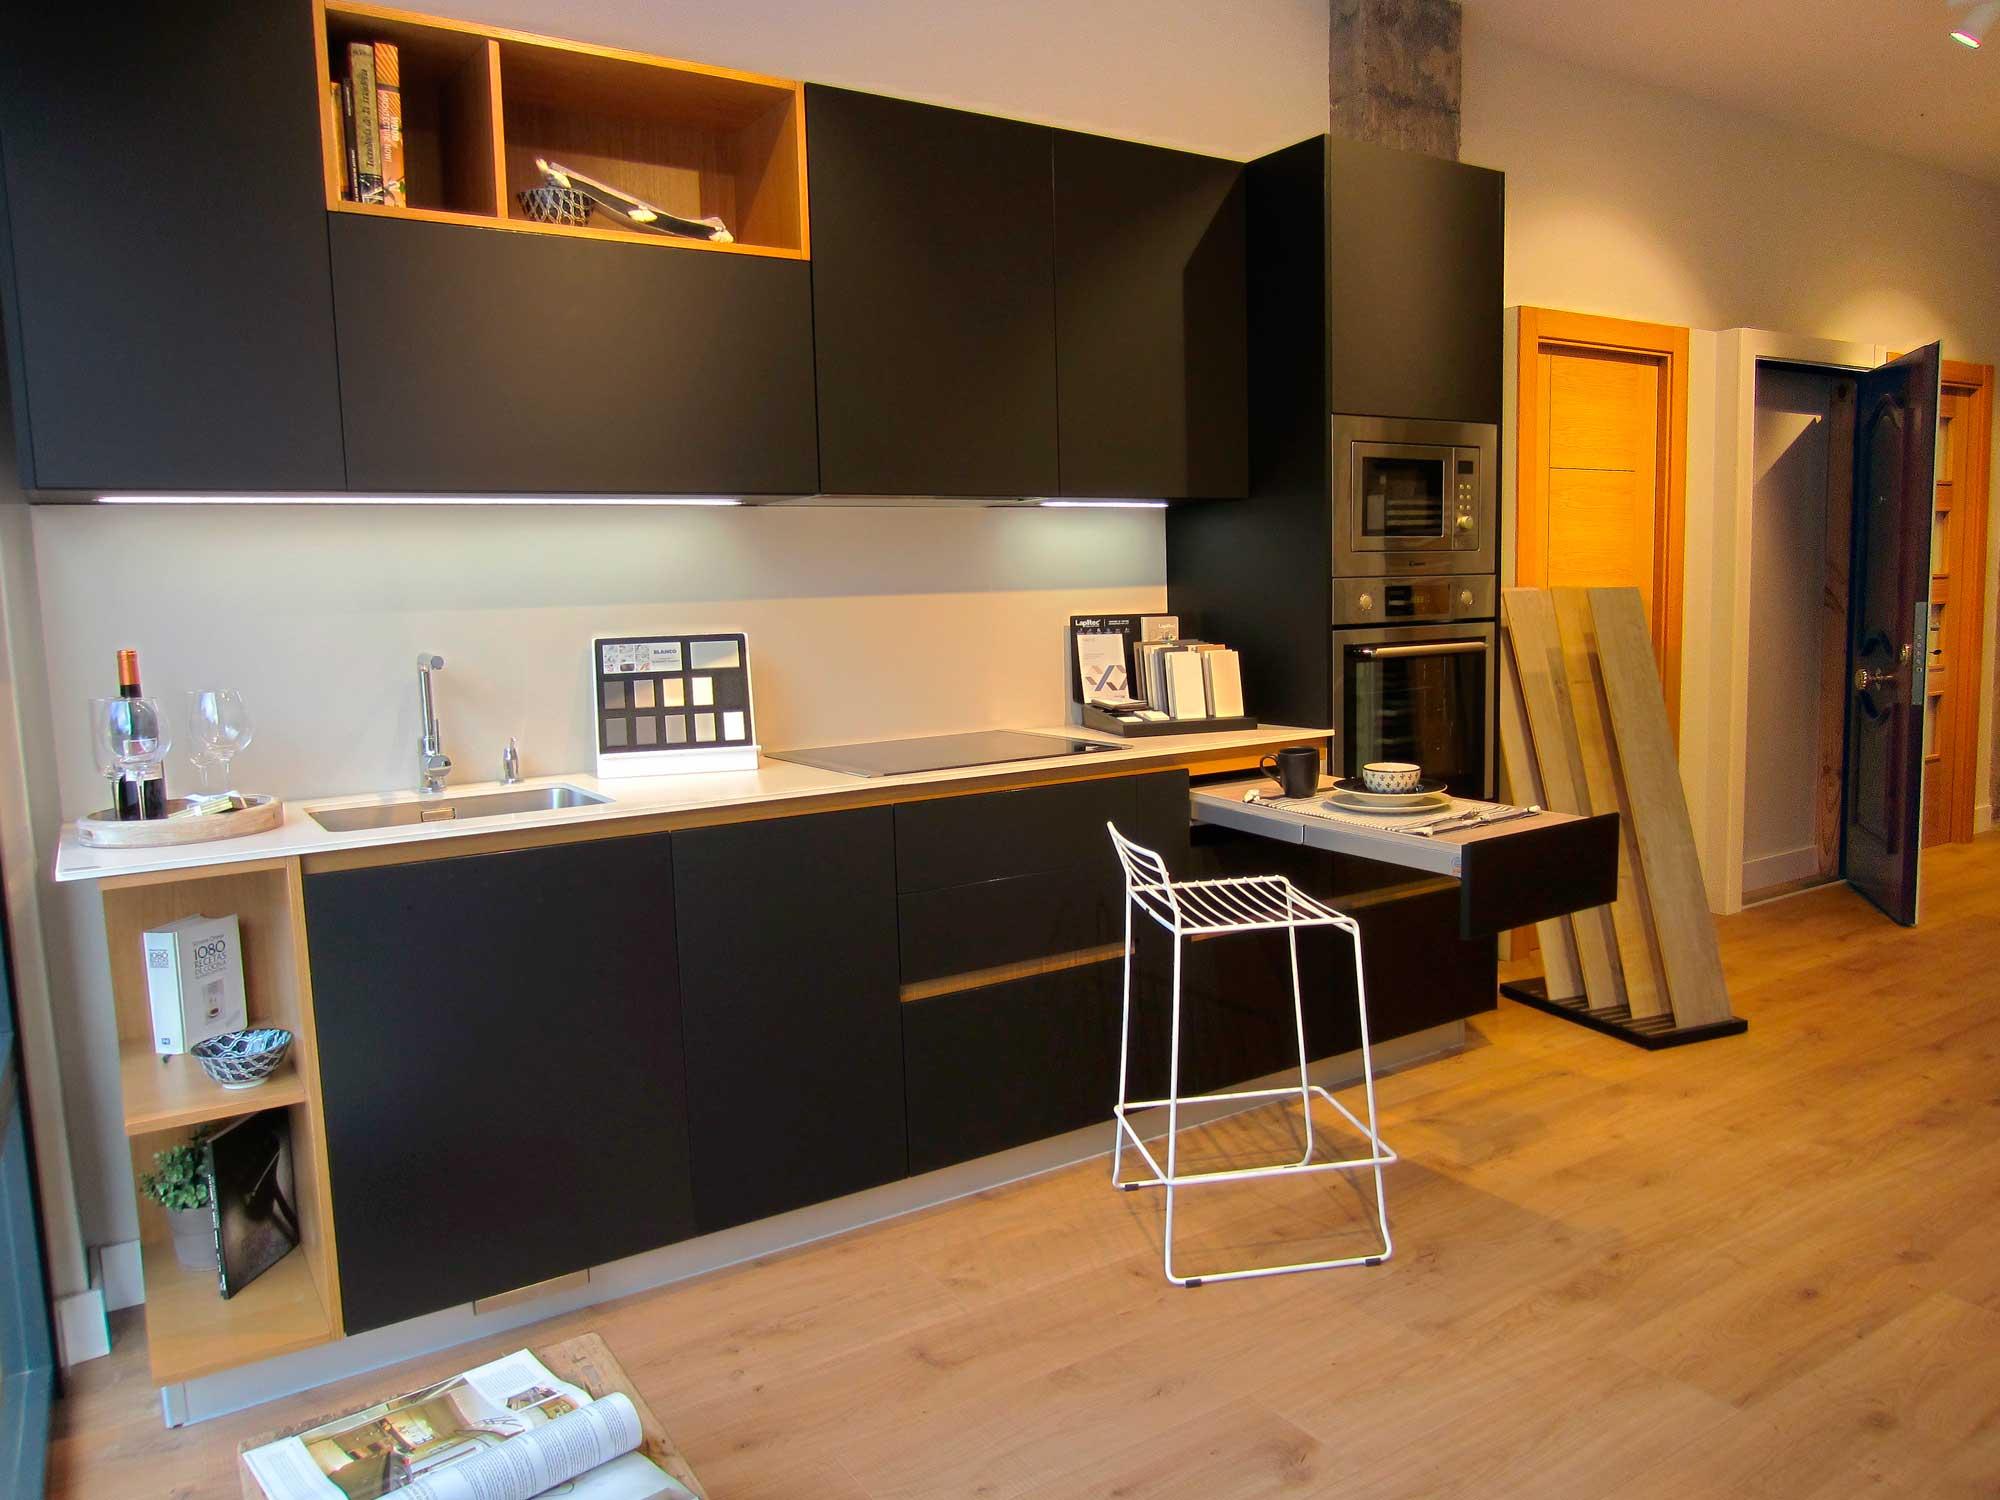 Una cocina pequeña llena de detalles